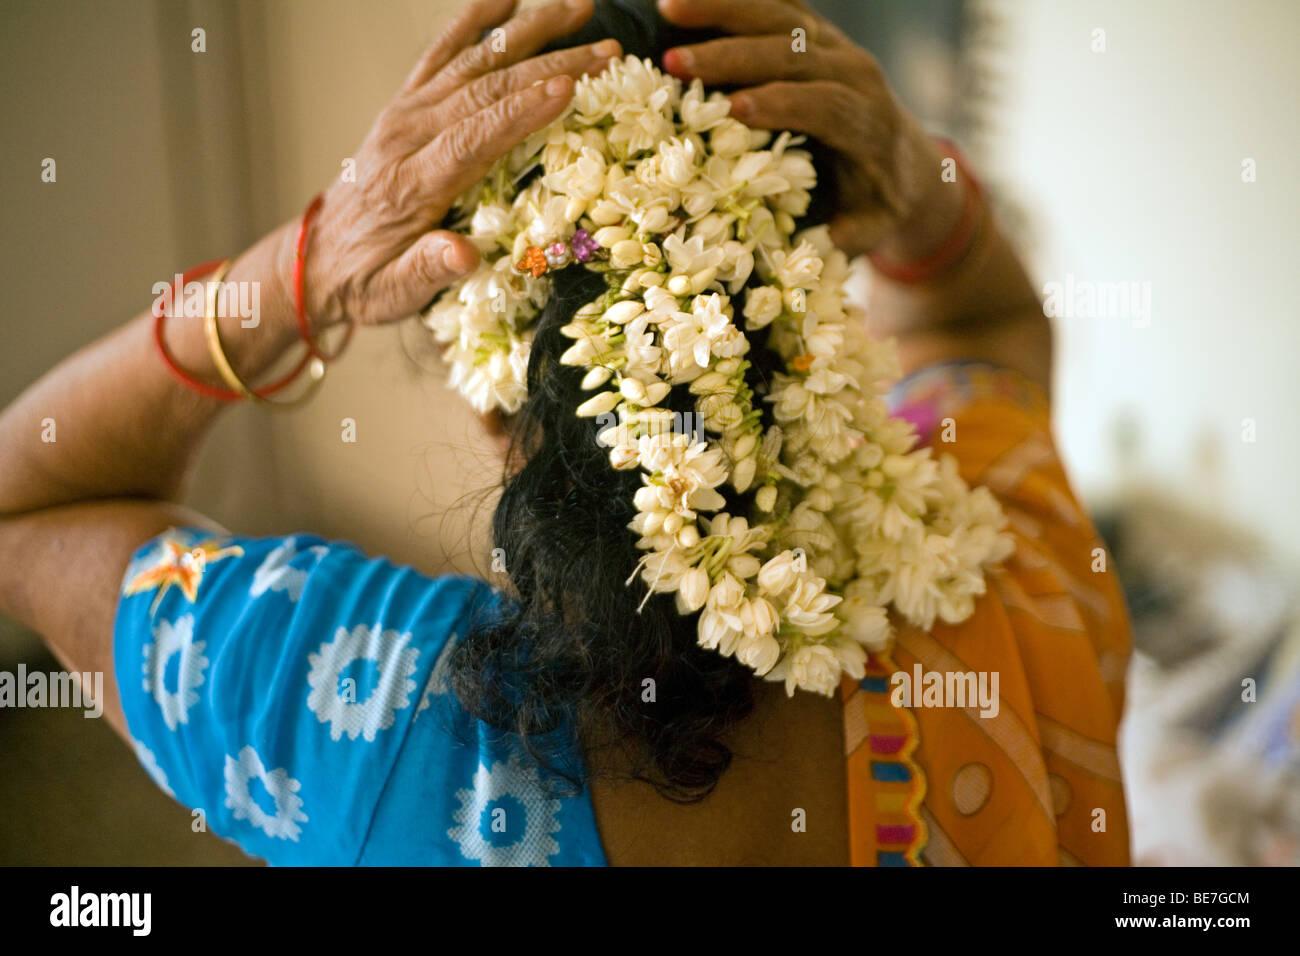 Una donna anziana organizza fiori nei capelli nella sua camera da letto, Janakpuri, New Delhi, India Immagini Stock